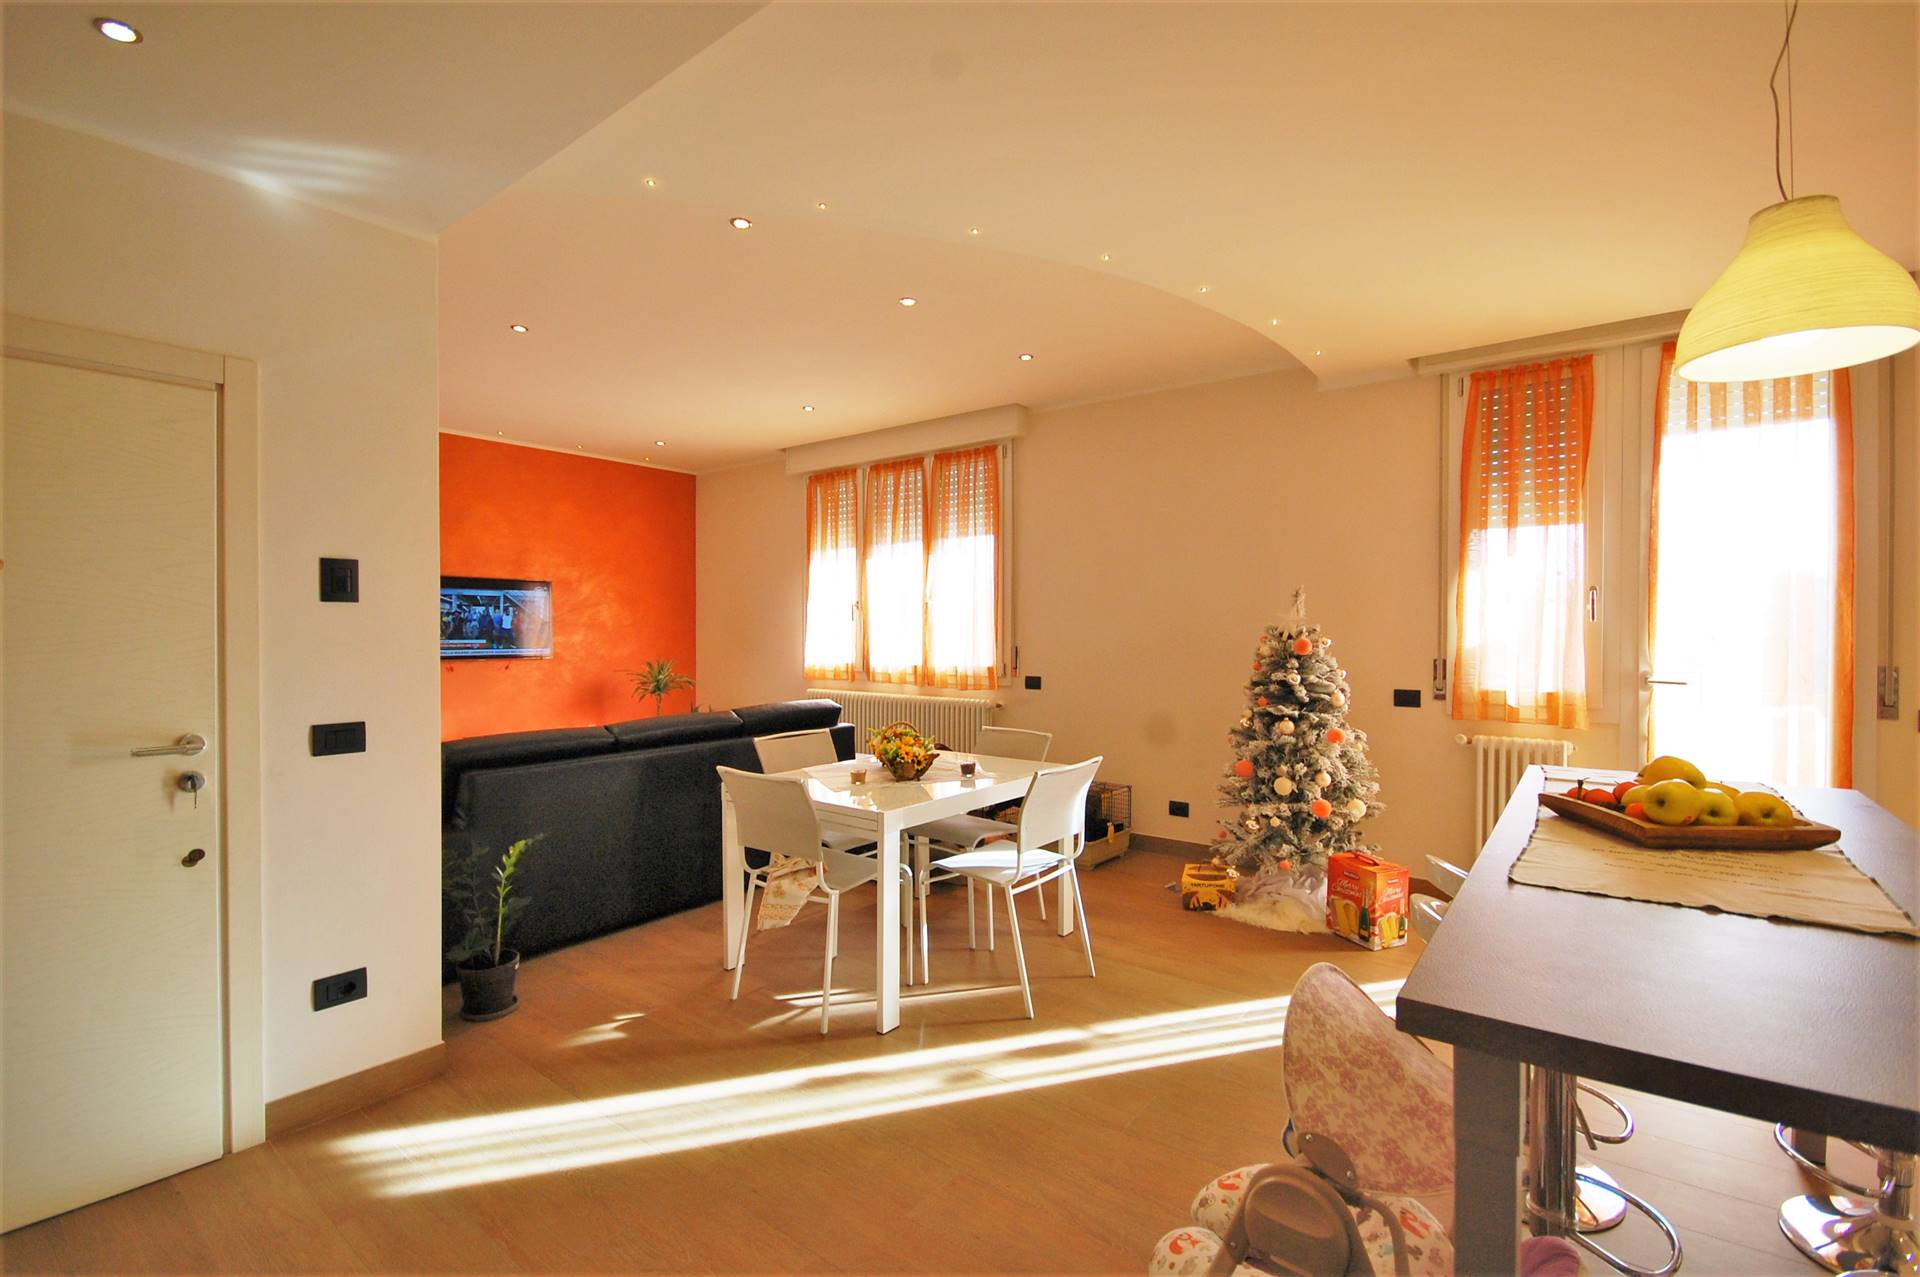 Appartamento in vendita a Longiano, 4 locali, prezzo € 170.000   CambioCasa.it